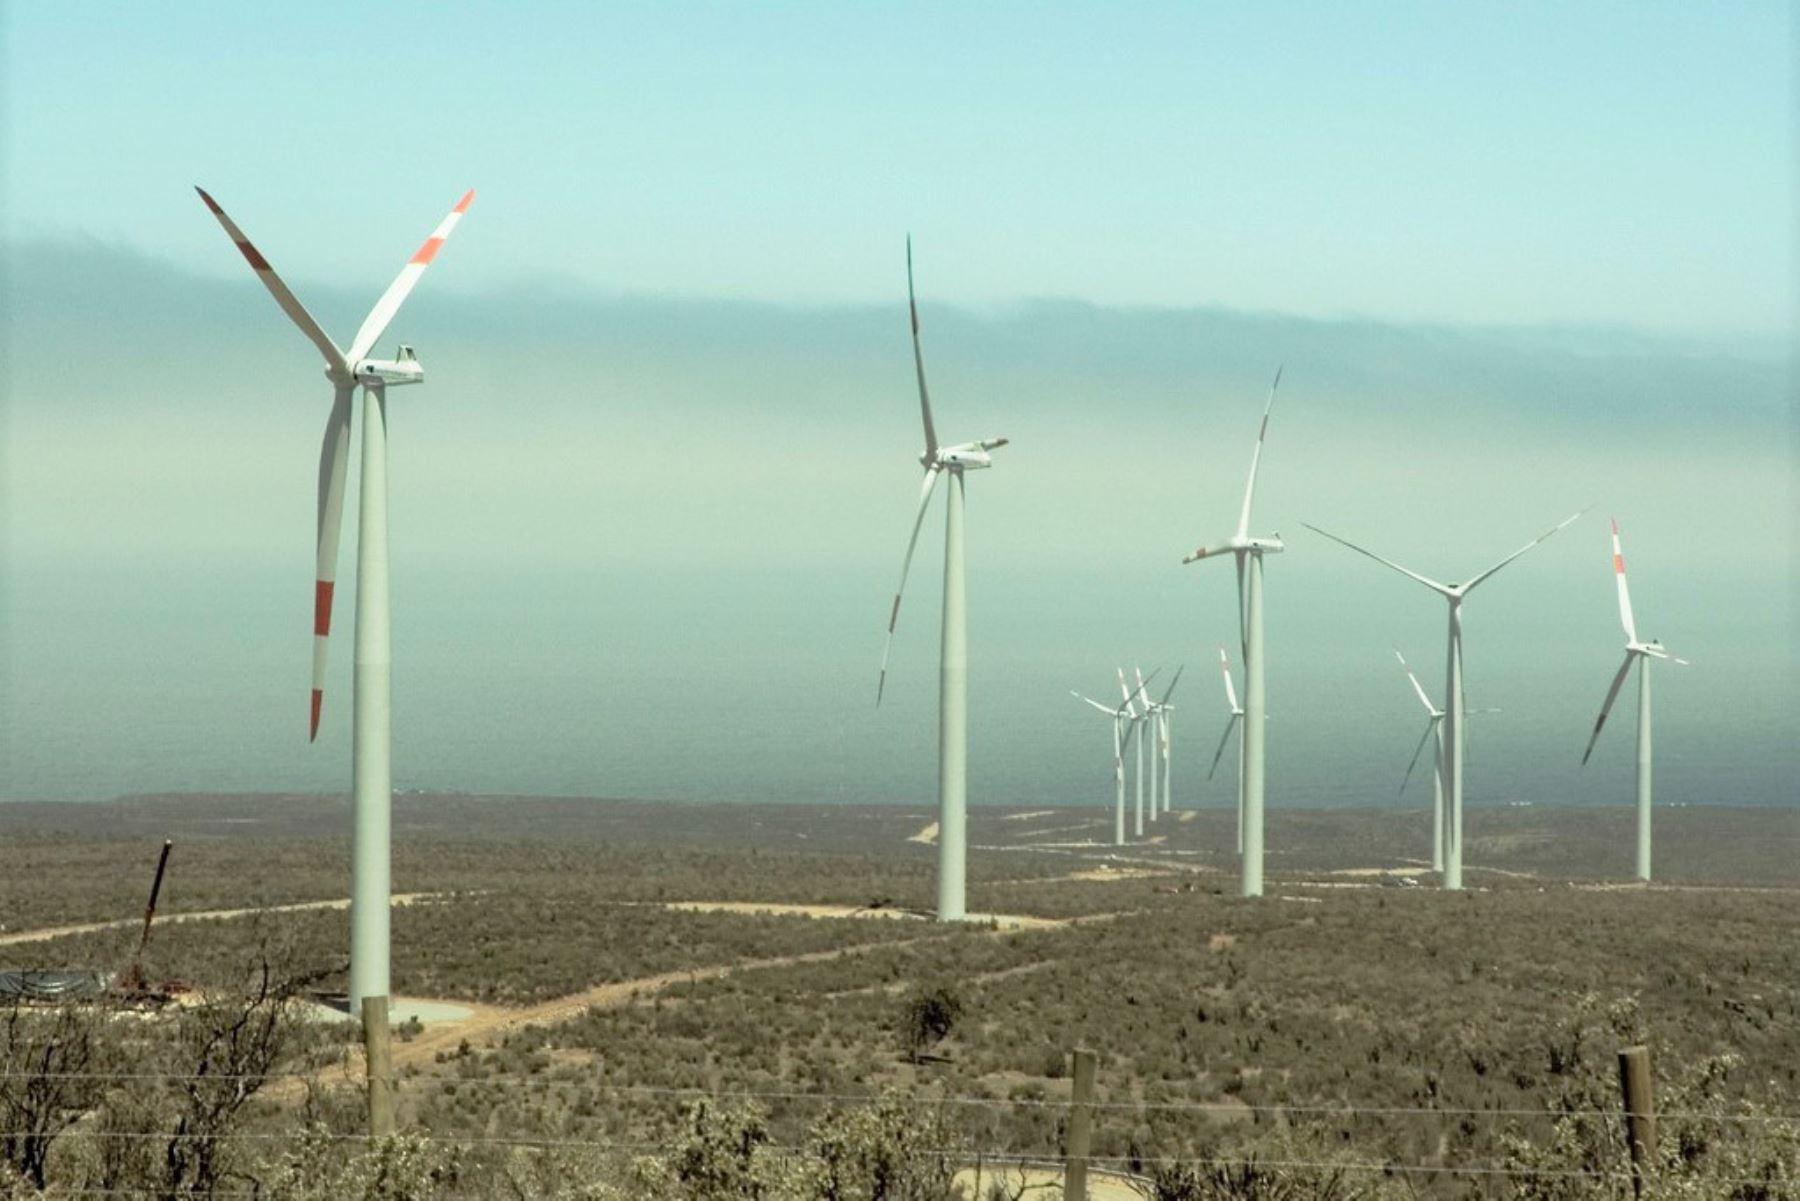 Energías renovables, como las centrales eólicas, contribuyen a cerrar la brecha de electrificación rural, afirma el MEM. ANDINA/Archivo